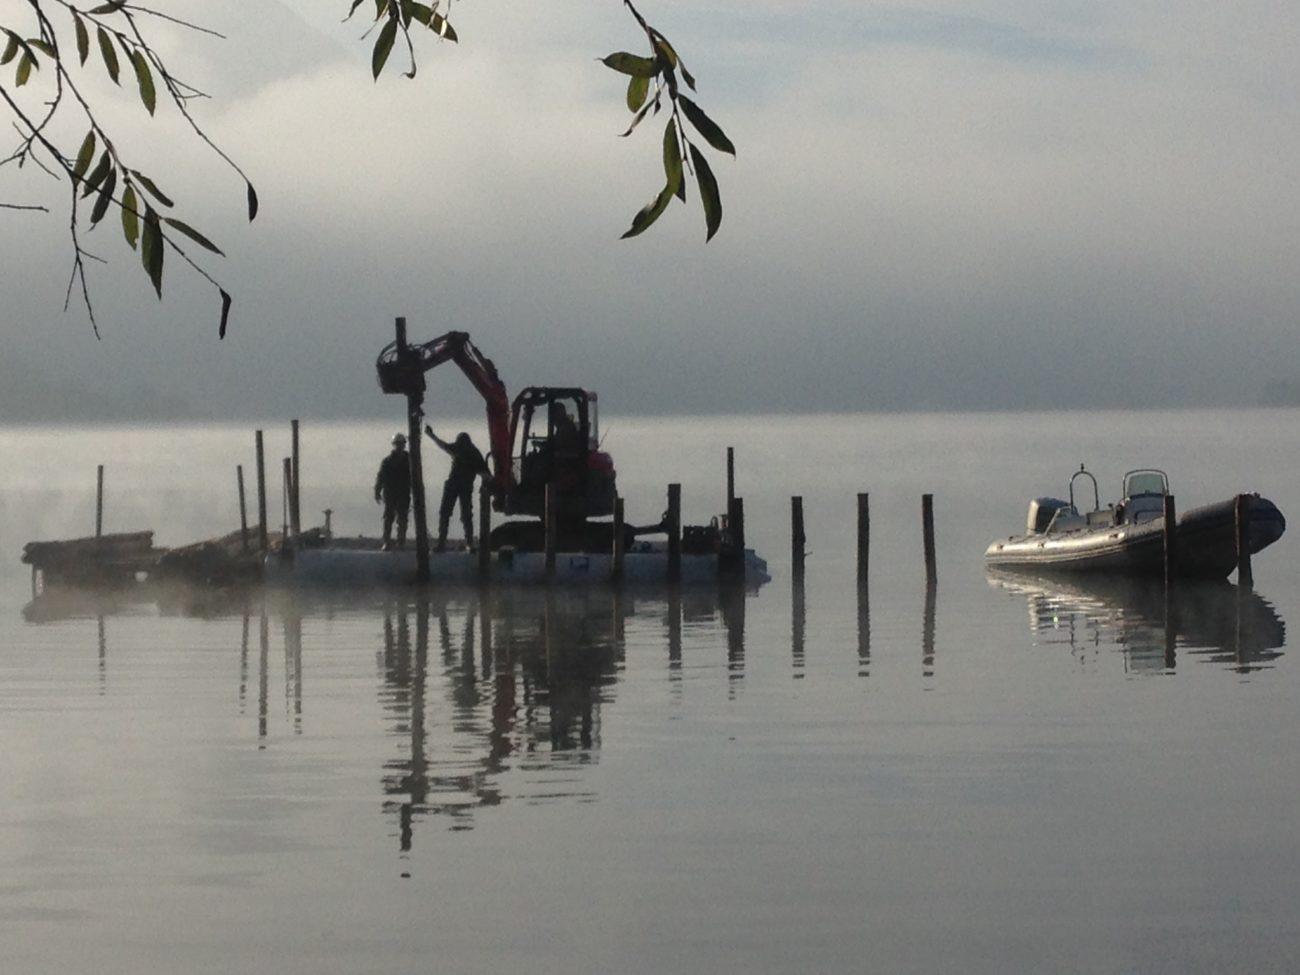 Travaux de piquetage – Protéger la biodiversité du Lac d'Aiguebelette